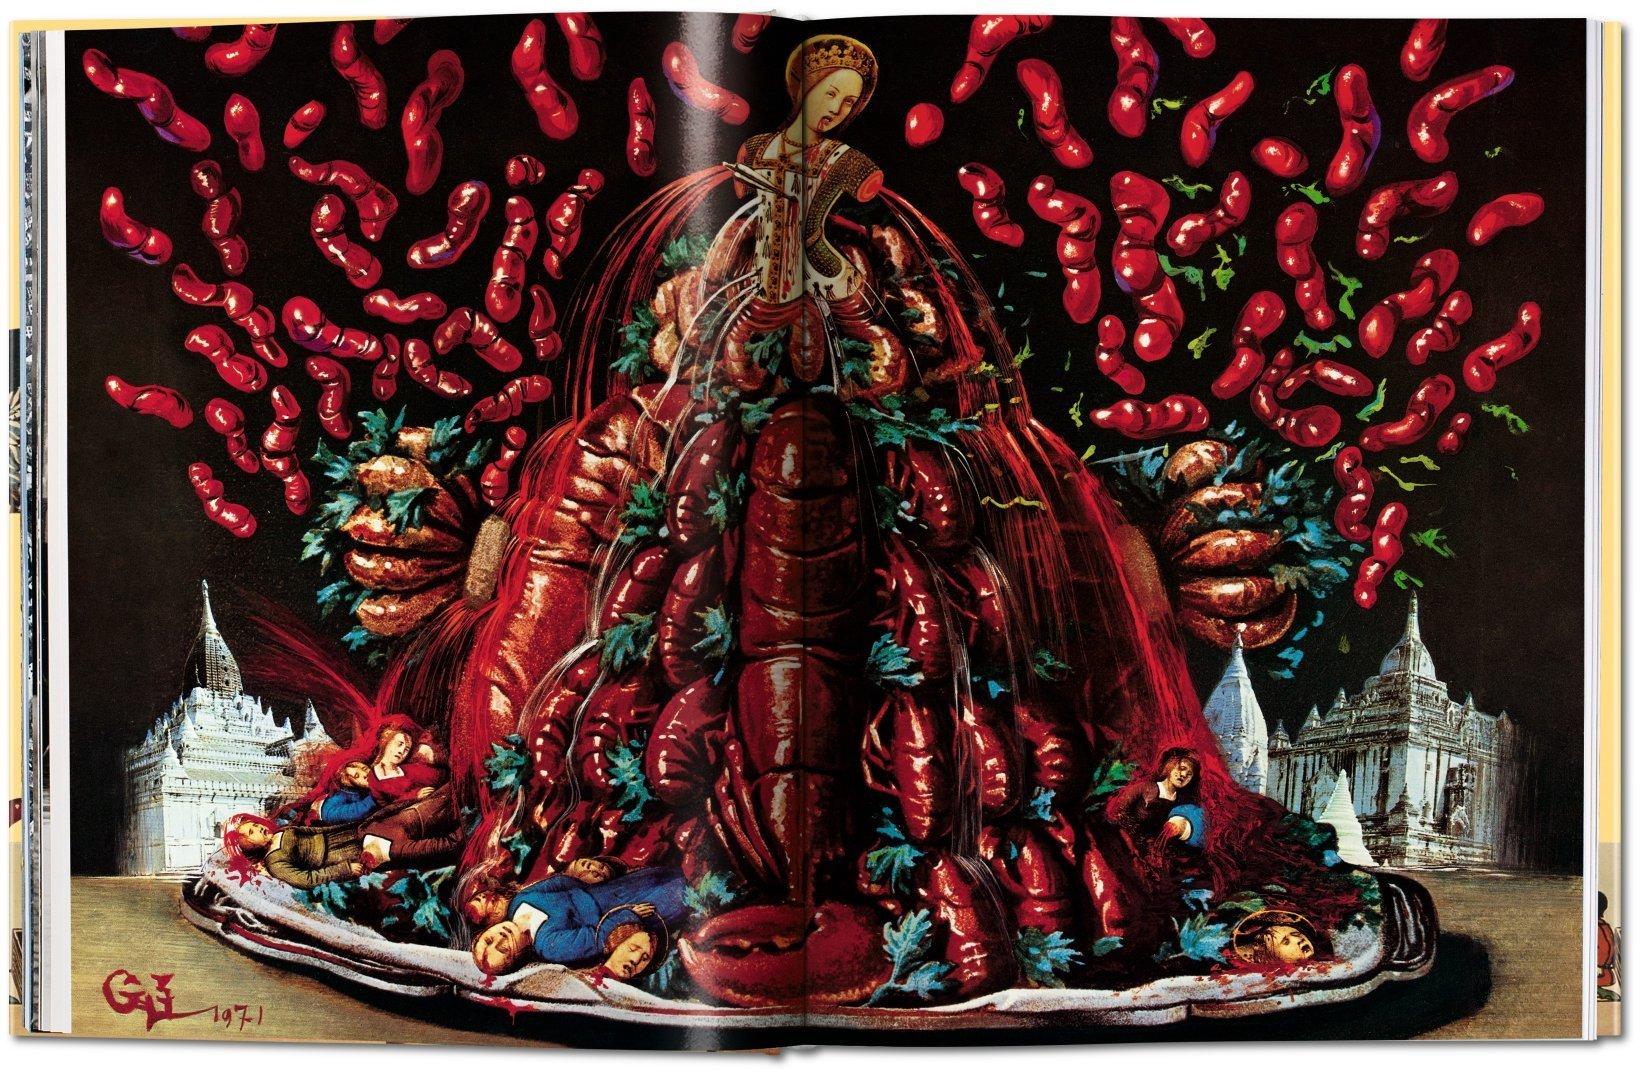 magazine-horse-les-diners-de-gala-dali-gastronomia-2